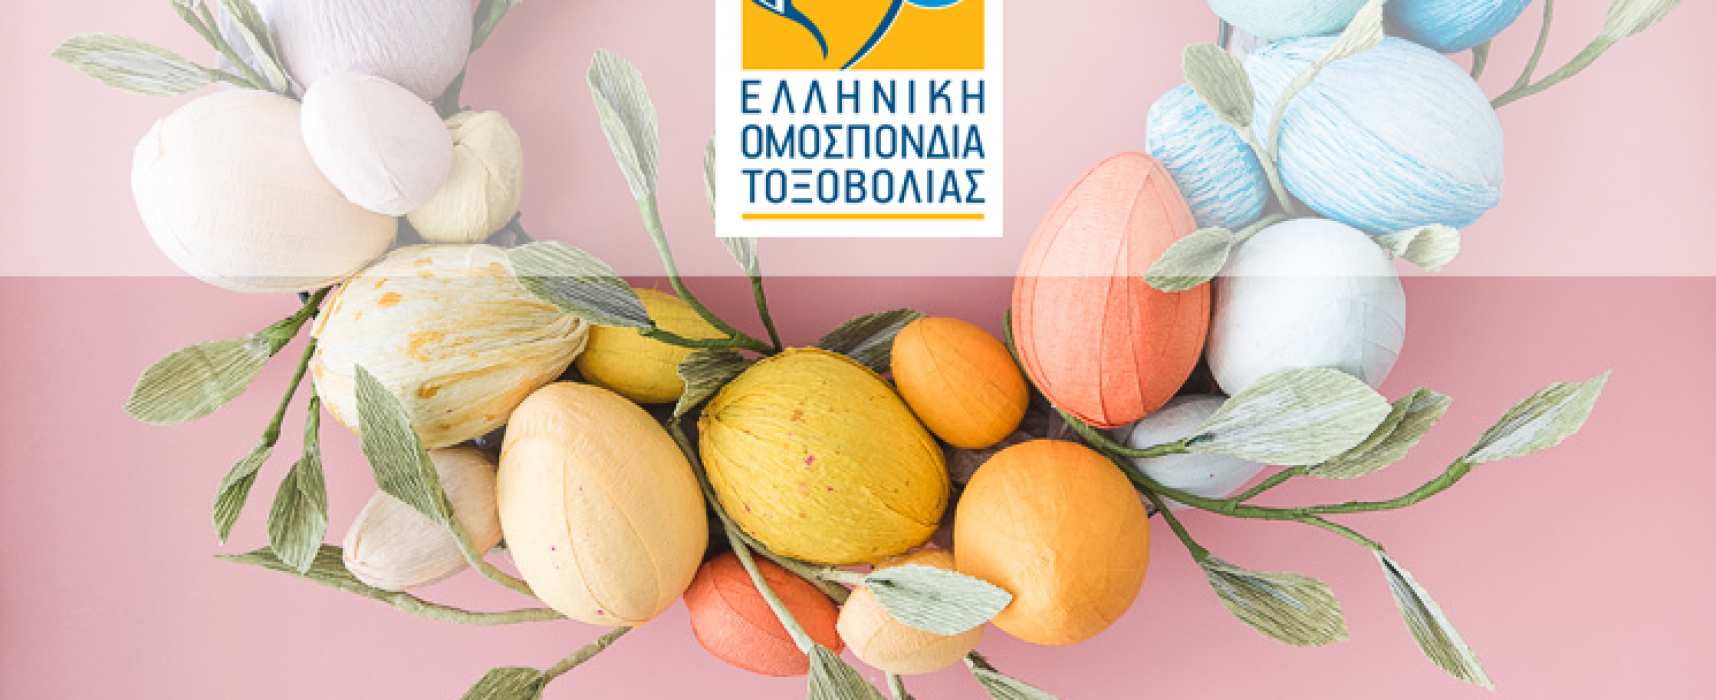 Oι ευχές της Ελληνικής Ομοσπονδίας Τοξοβολίας για το Πάσχα